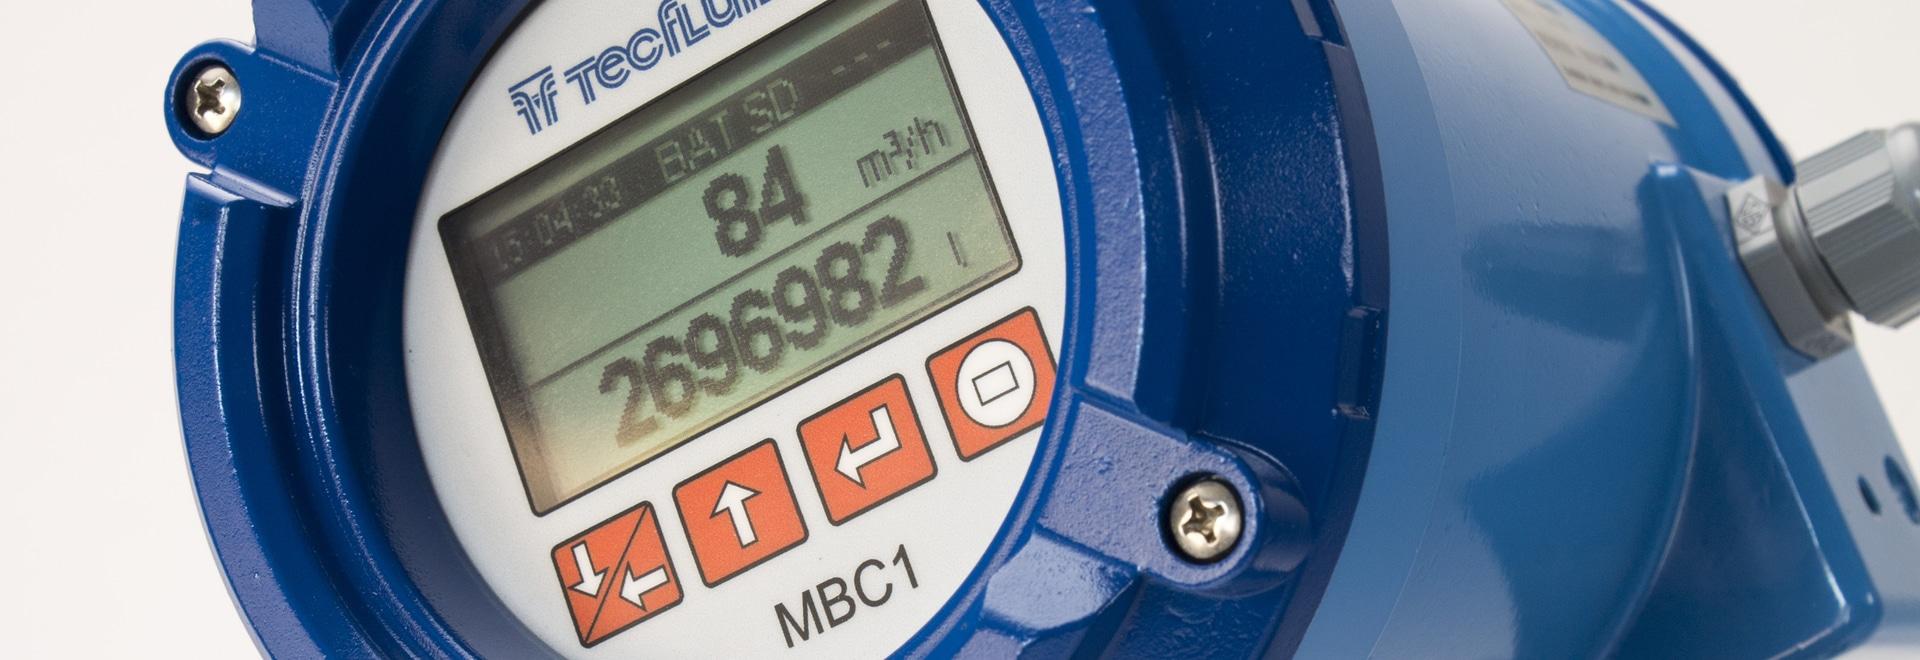 Convertisseur MBC1 à piles